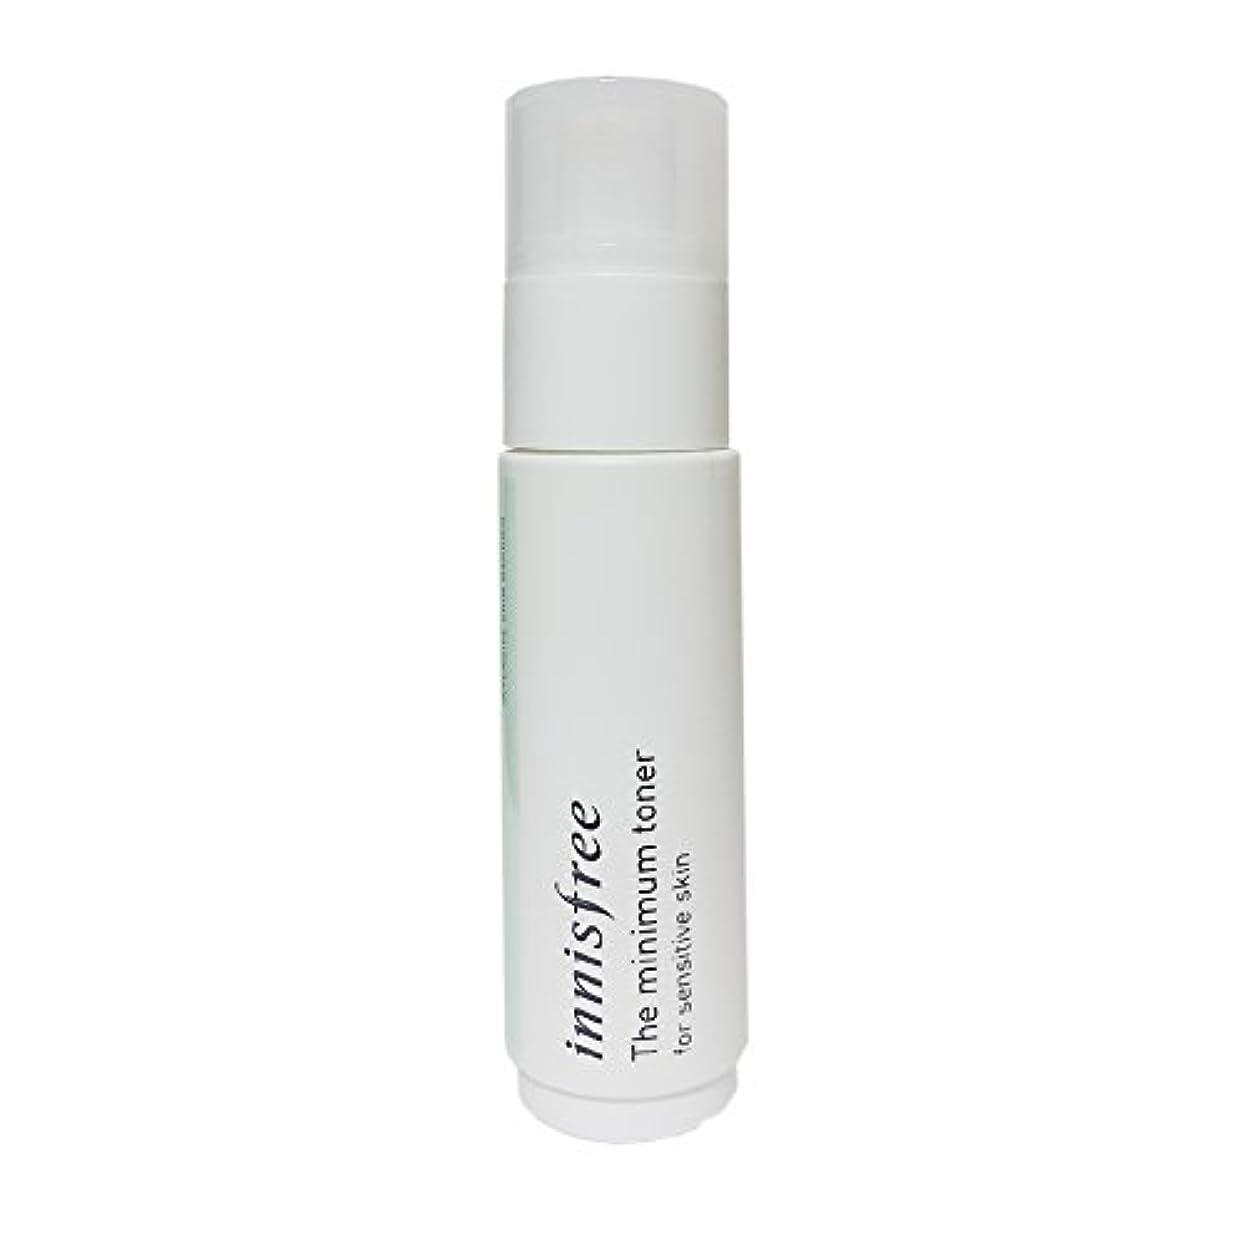 [イニスフリー] Innisfree ザミニマム トナー敏感肌用(45ml) Innisfree The Minimum Toner For Sensitive Skin(45ml)  [海外直送品]